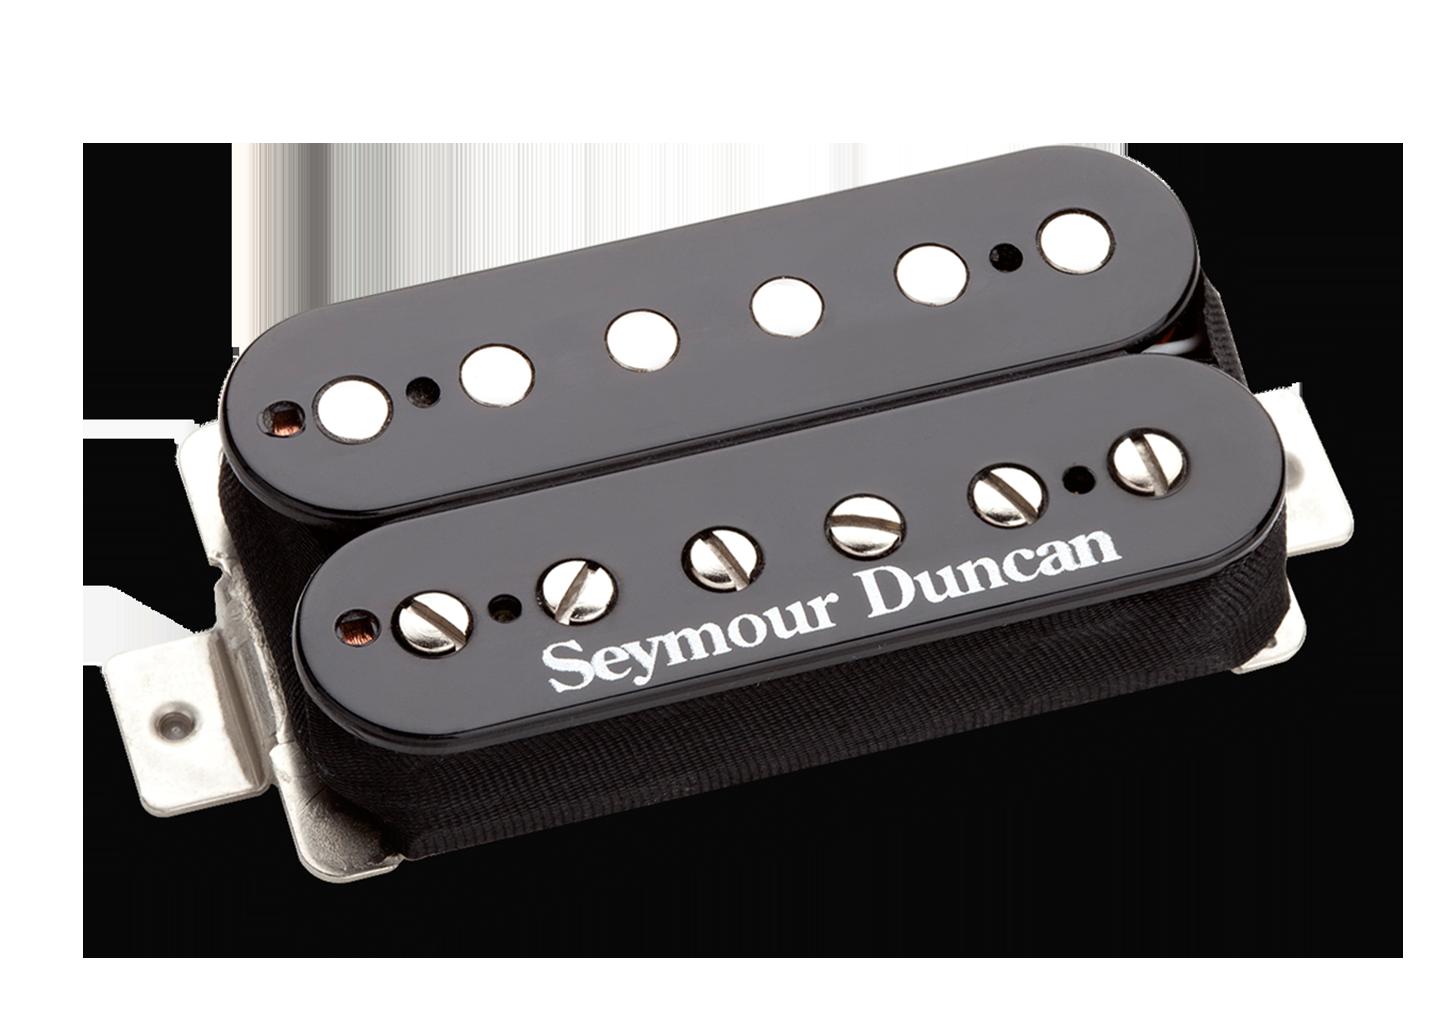 Seymour Duncan Duncan Custom Humbucker - SH-5 Black